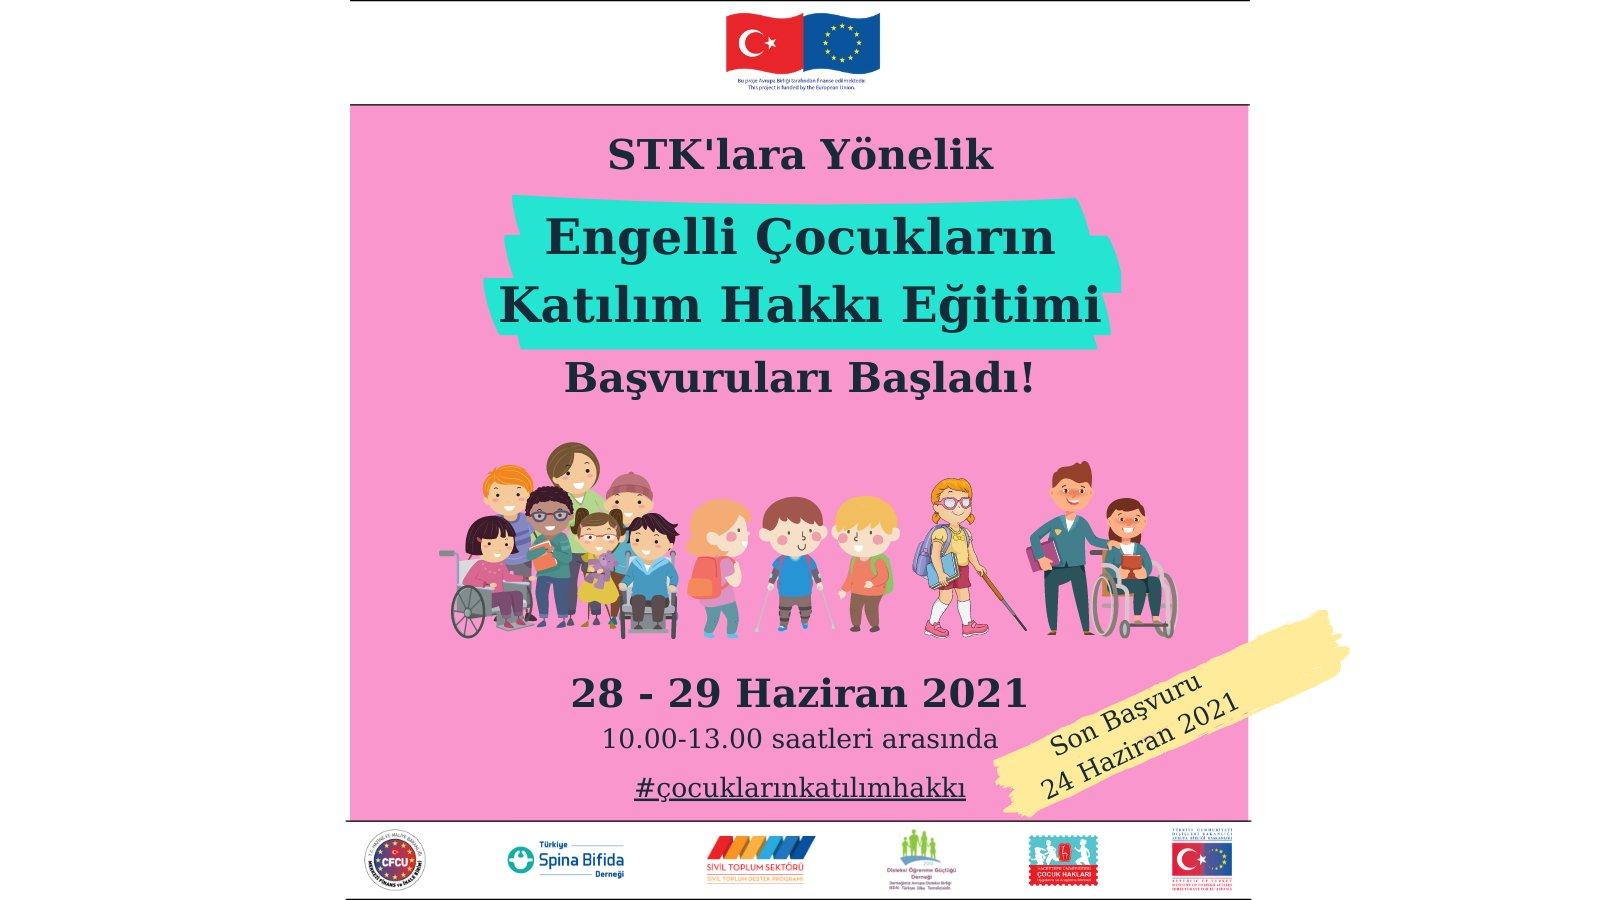 Engelli Çocukların Katılım Hakkı STK Eğitimi